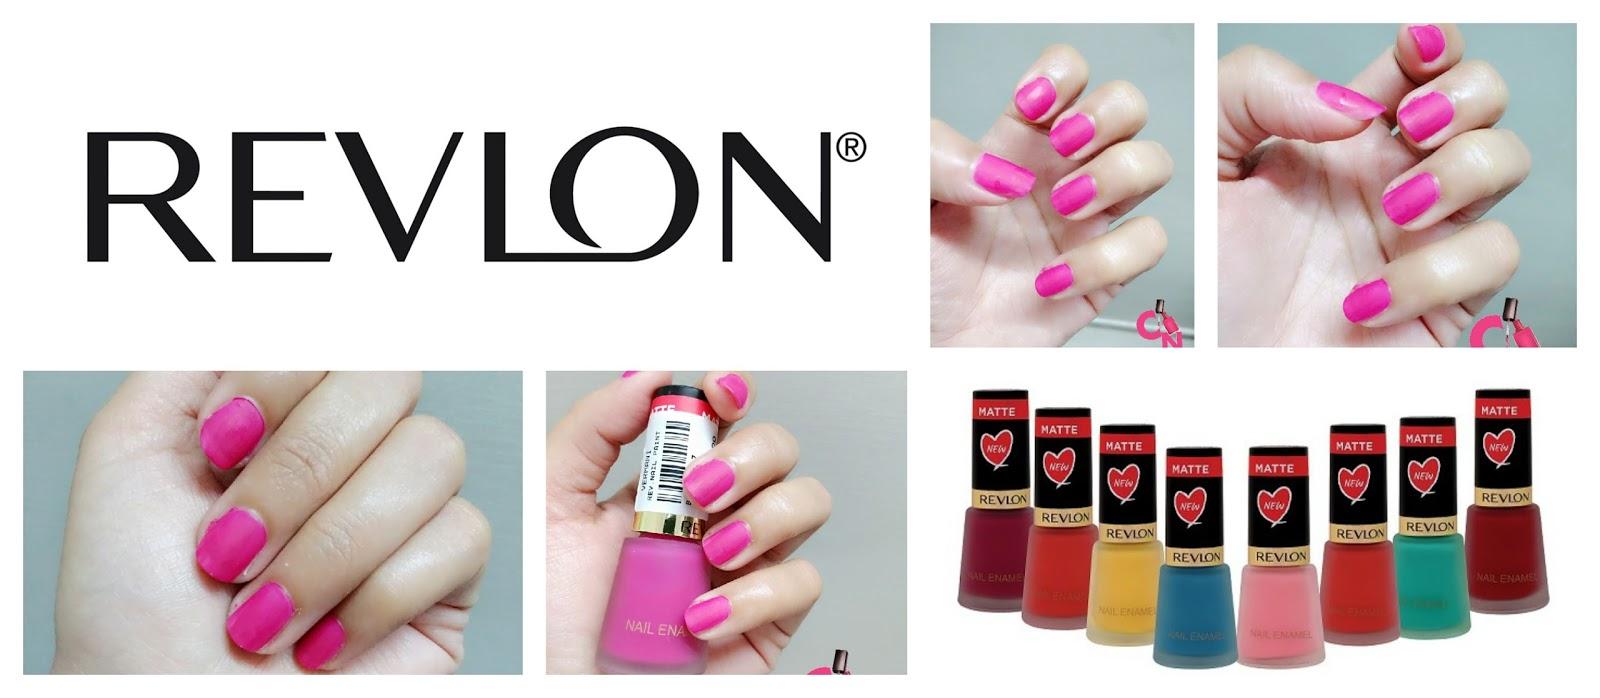 Revlon Matte Nail Polish Collection- Crimson Matte: Review & Swatches